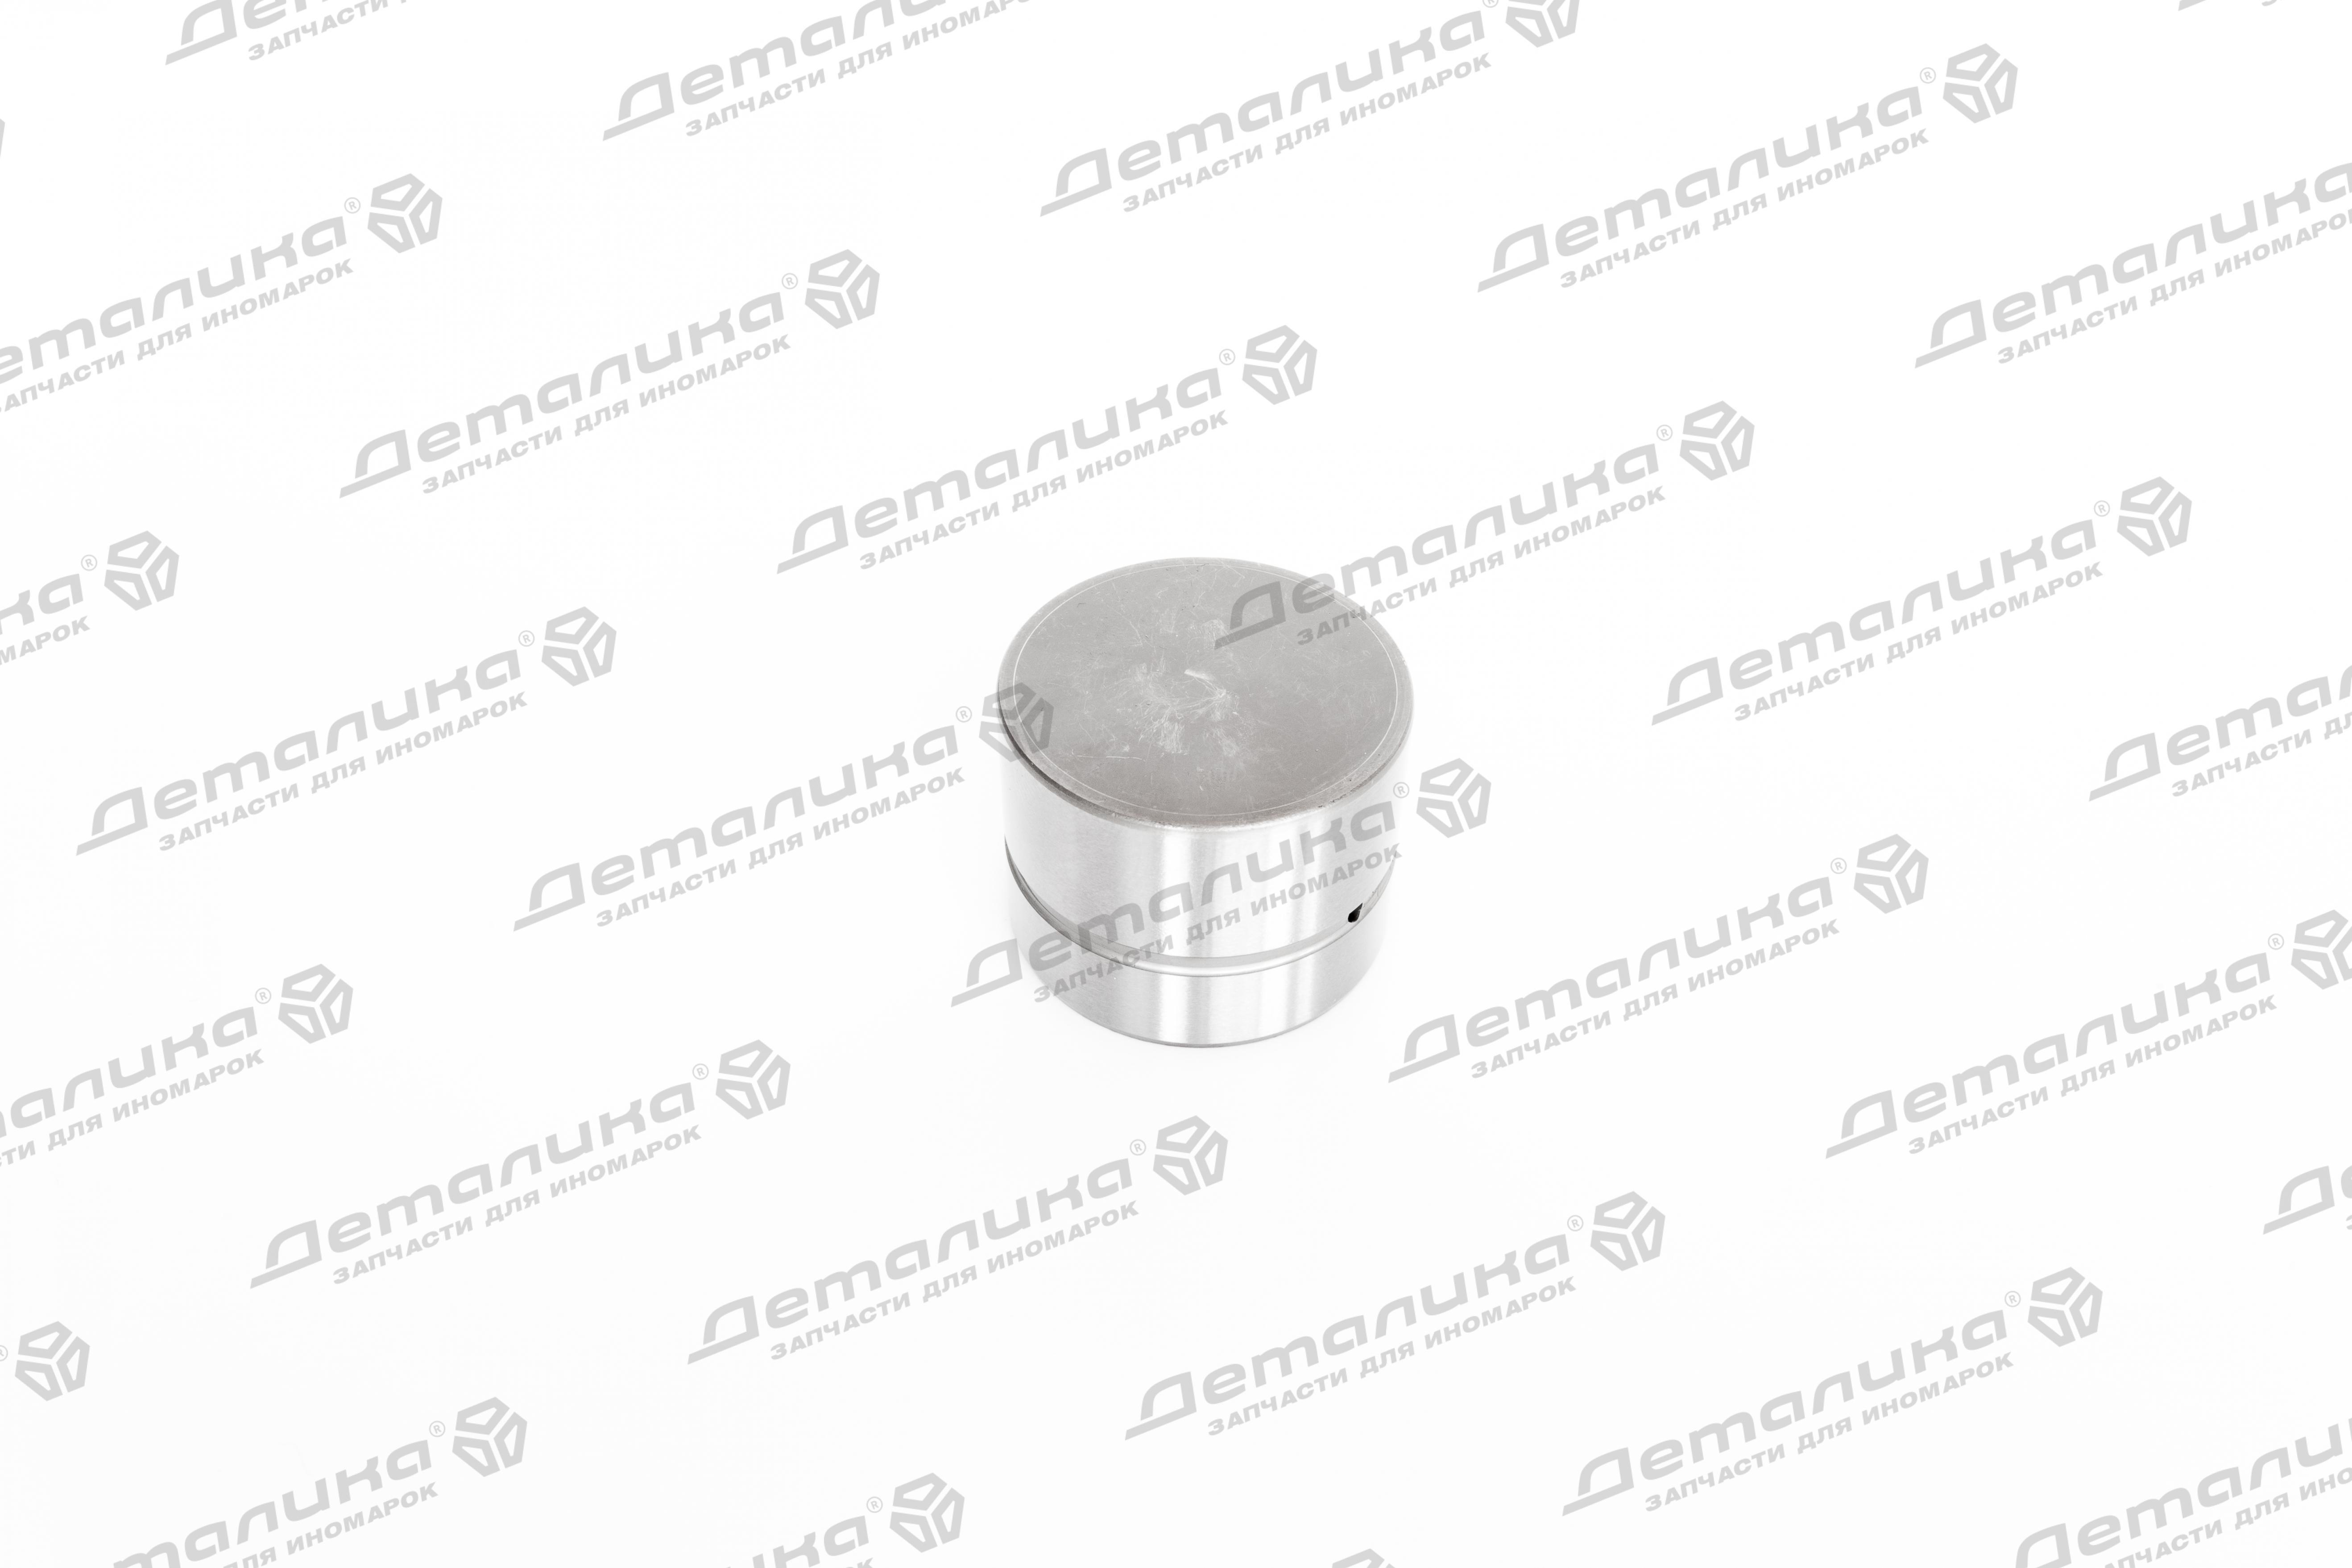 схема вентиляции двигателя akl 101